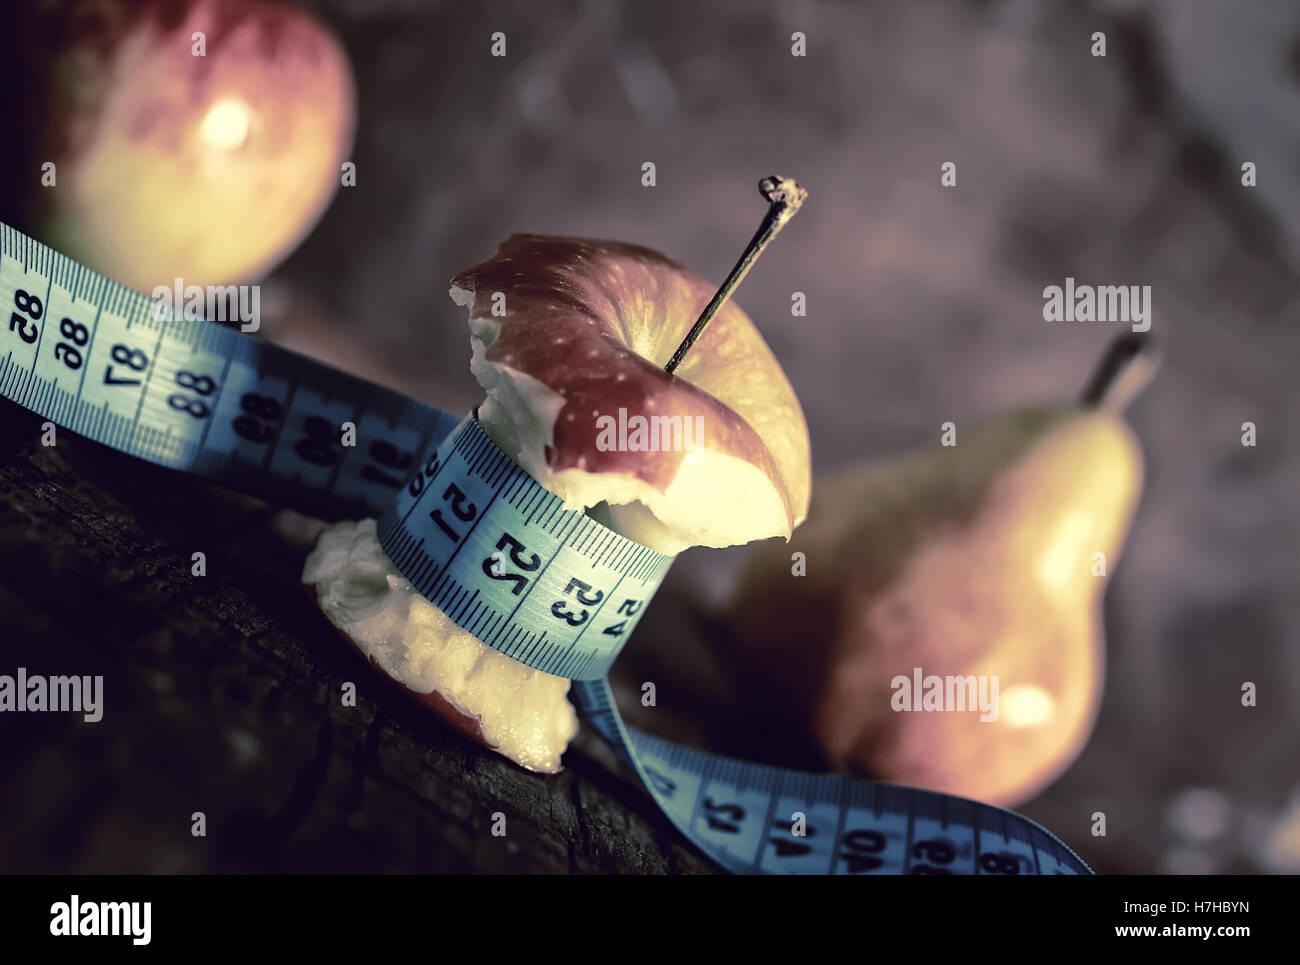 Minceur anorexie apple de mesure Photo Stock